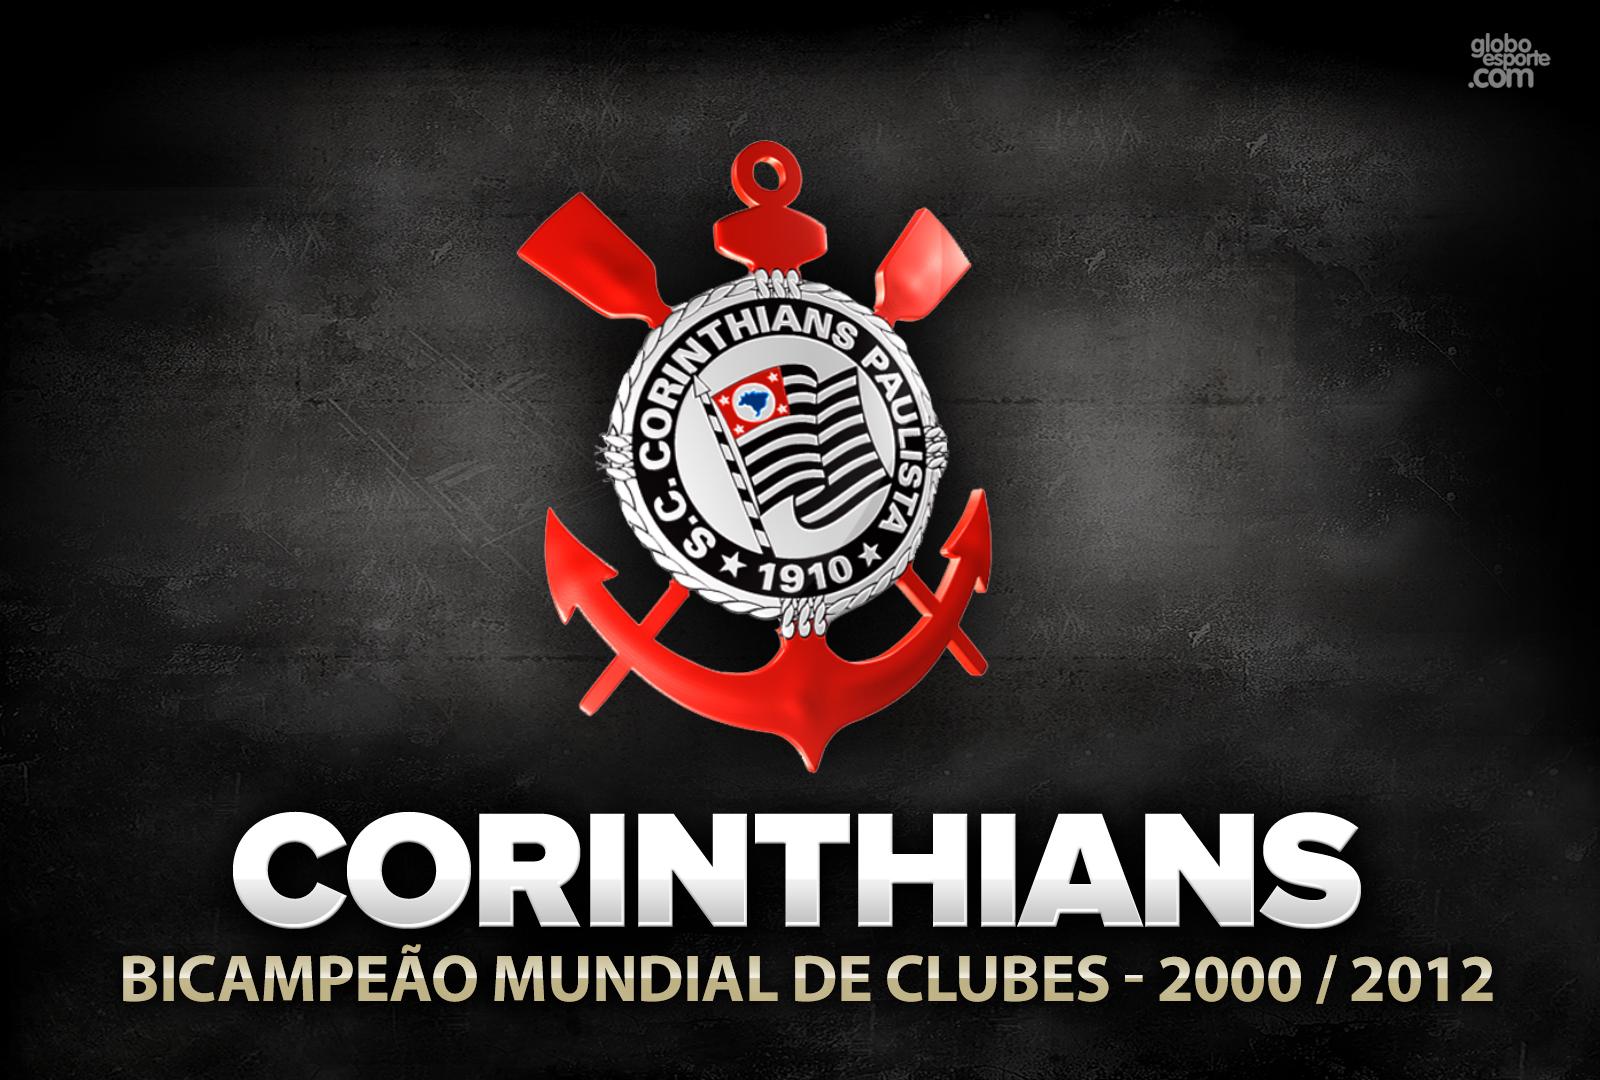 http://3.bp.blogspot.com/-mFWBpJfcHx4/UM32HQDGEPI/AAAAAAAAAWI/8R_D-_OJRs0/s1600/Wallpaper_Corinthians_1600x1080_escudo.jpg